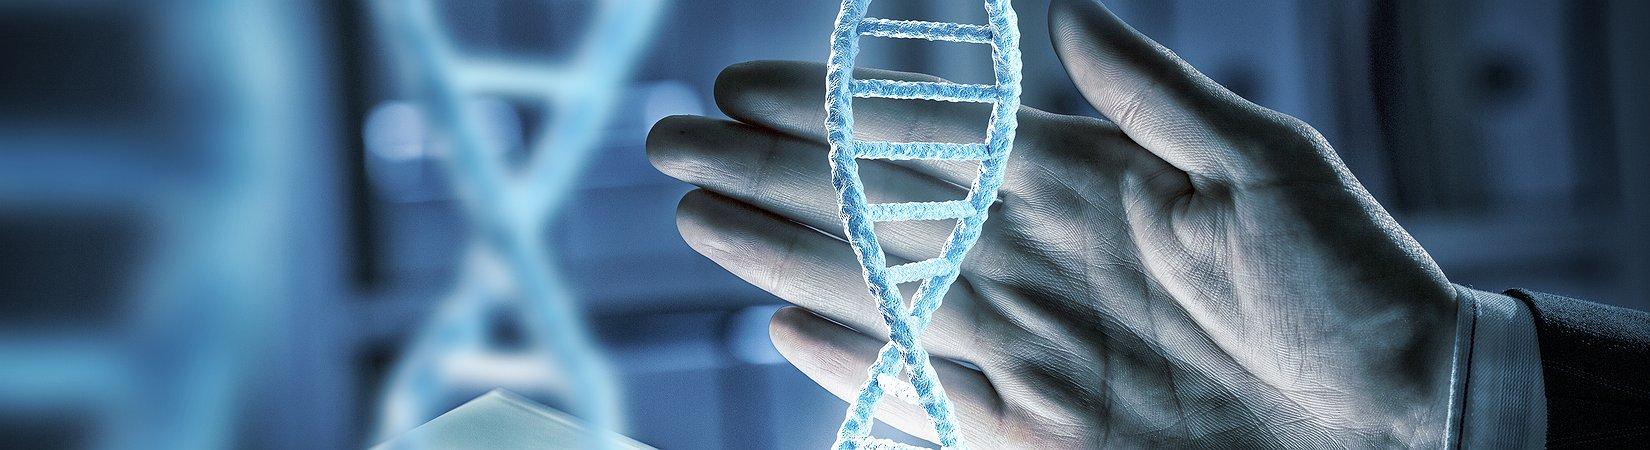 7 советов тем, кто хочет инвестировать в биотех